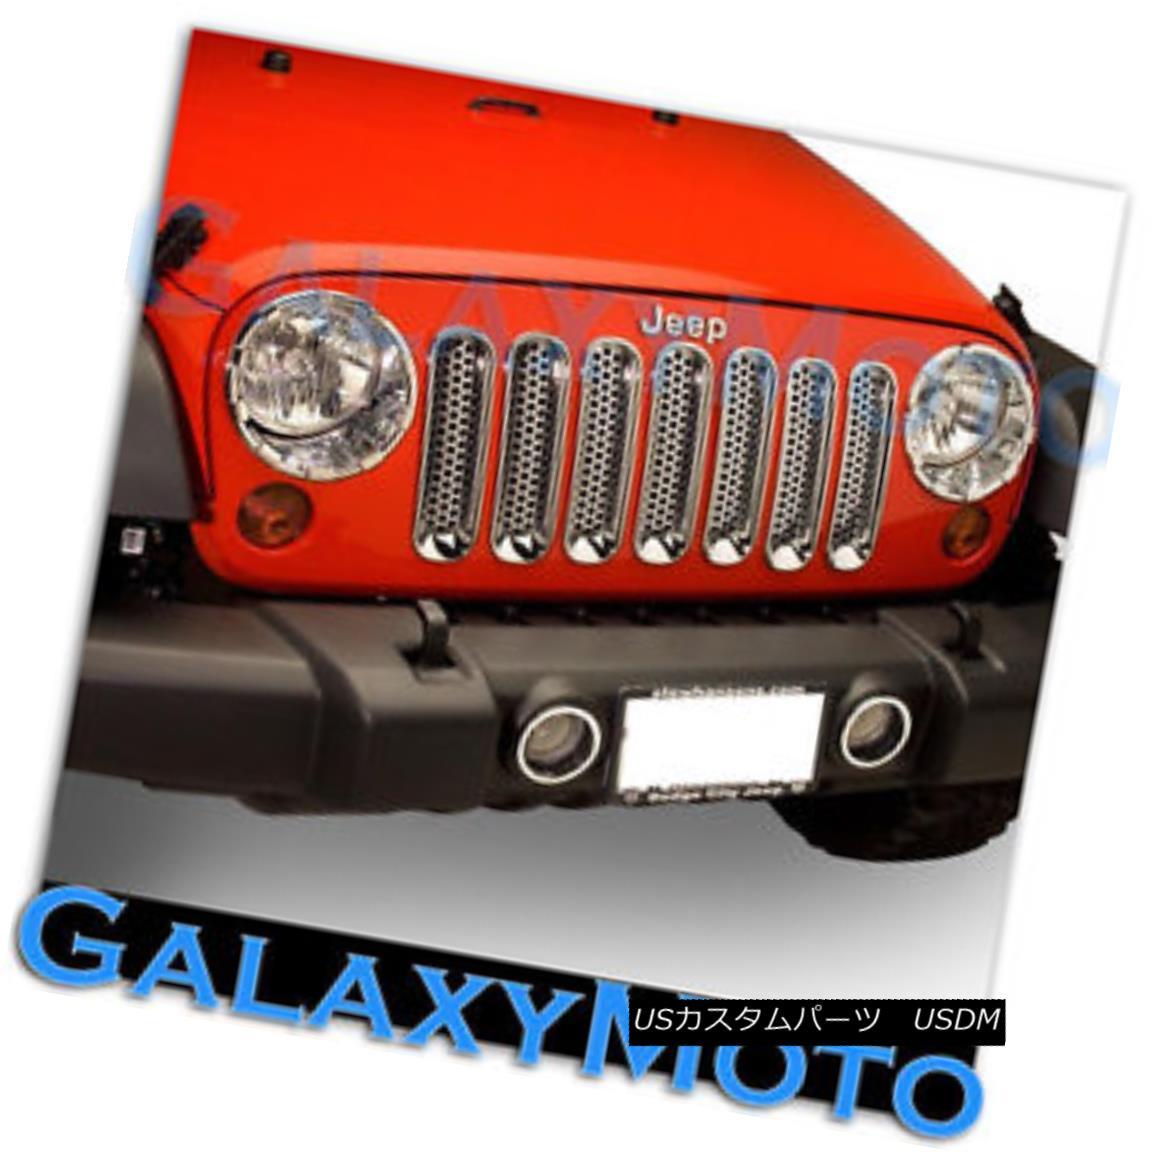 グリル Chrome Headlight+Front Mesh hole Grille Insert Cover for 07-17 Jeep Wrangler JK クロームヘッドライト+フロン t 07-17ジープラングラーJKのメッシュホールグリルインサートカバー